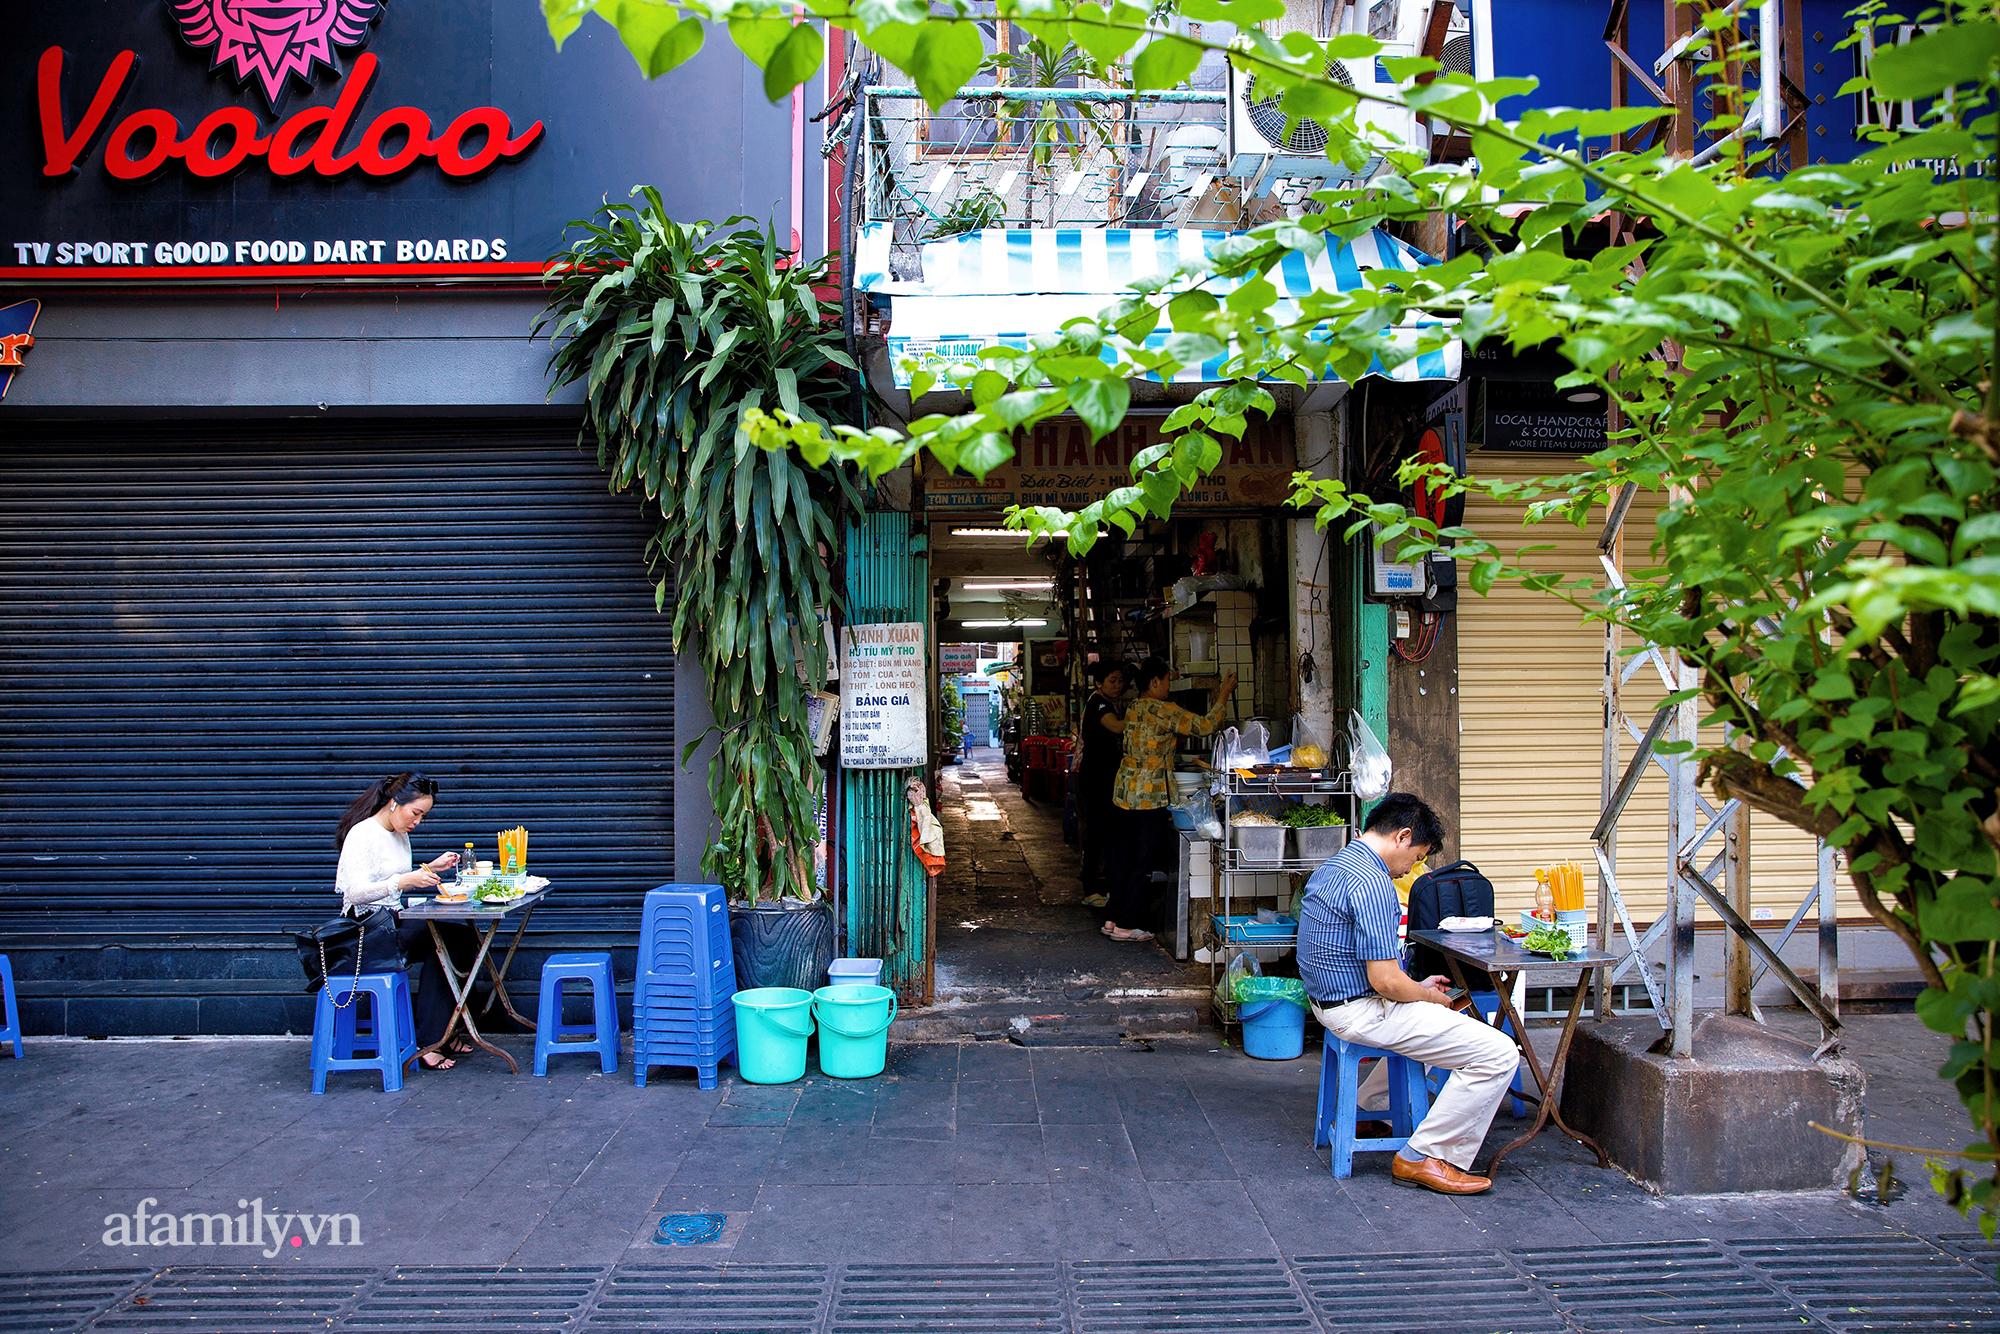 """Tiệm hủ tiếu níu kéo """"Thanh Xuân"""" hơn 70 năm của người Sài Gòn, nổi tiếng với nồi sốt cà chua hầm 3 đời và sở hữu tấm bảng hiệu được """"định giá"""" nghìn đô! - Ảnh 2."""